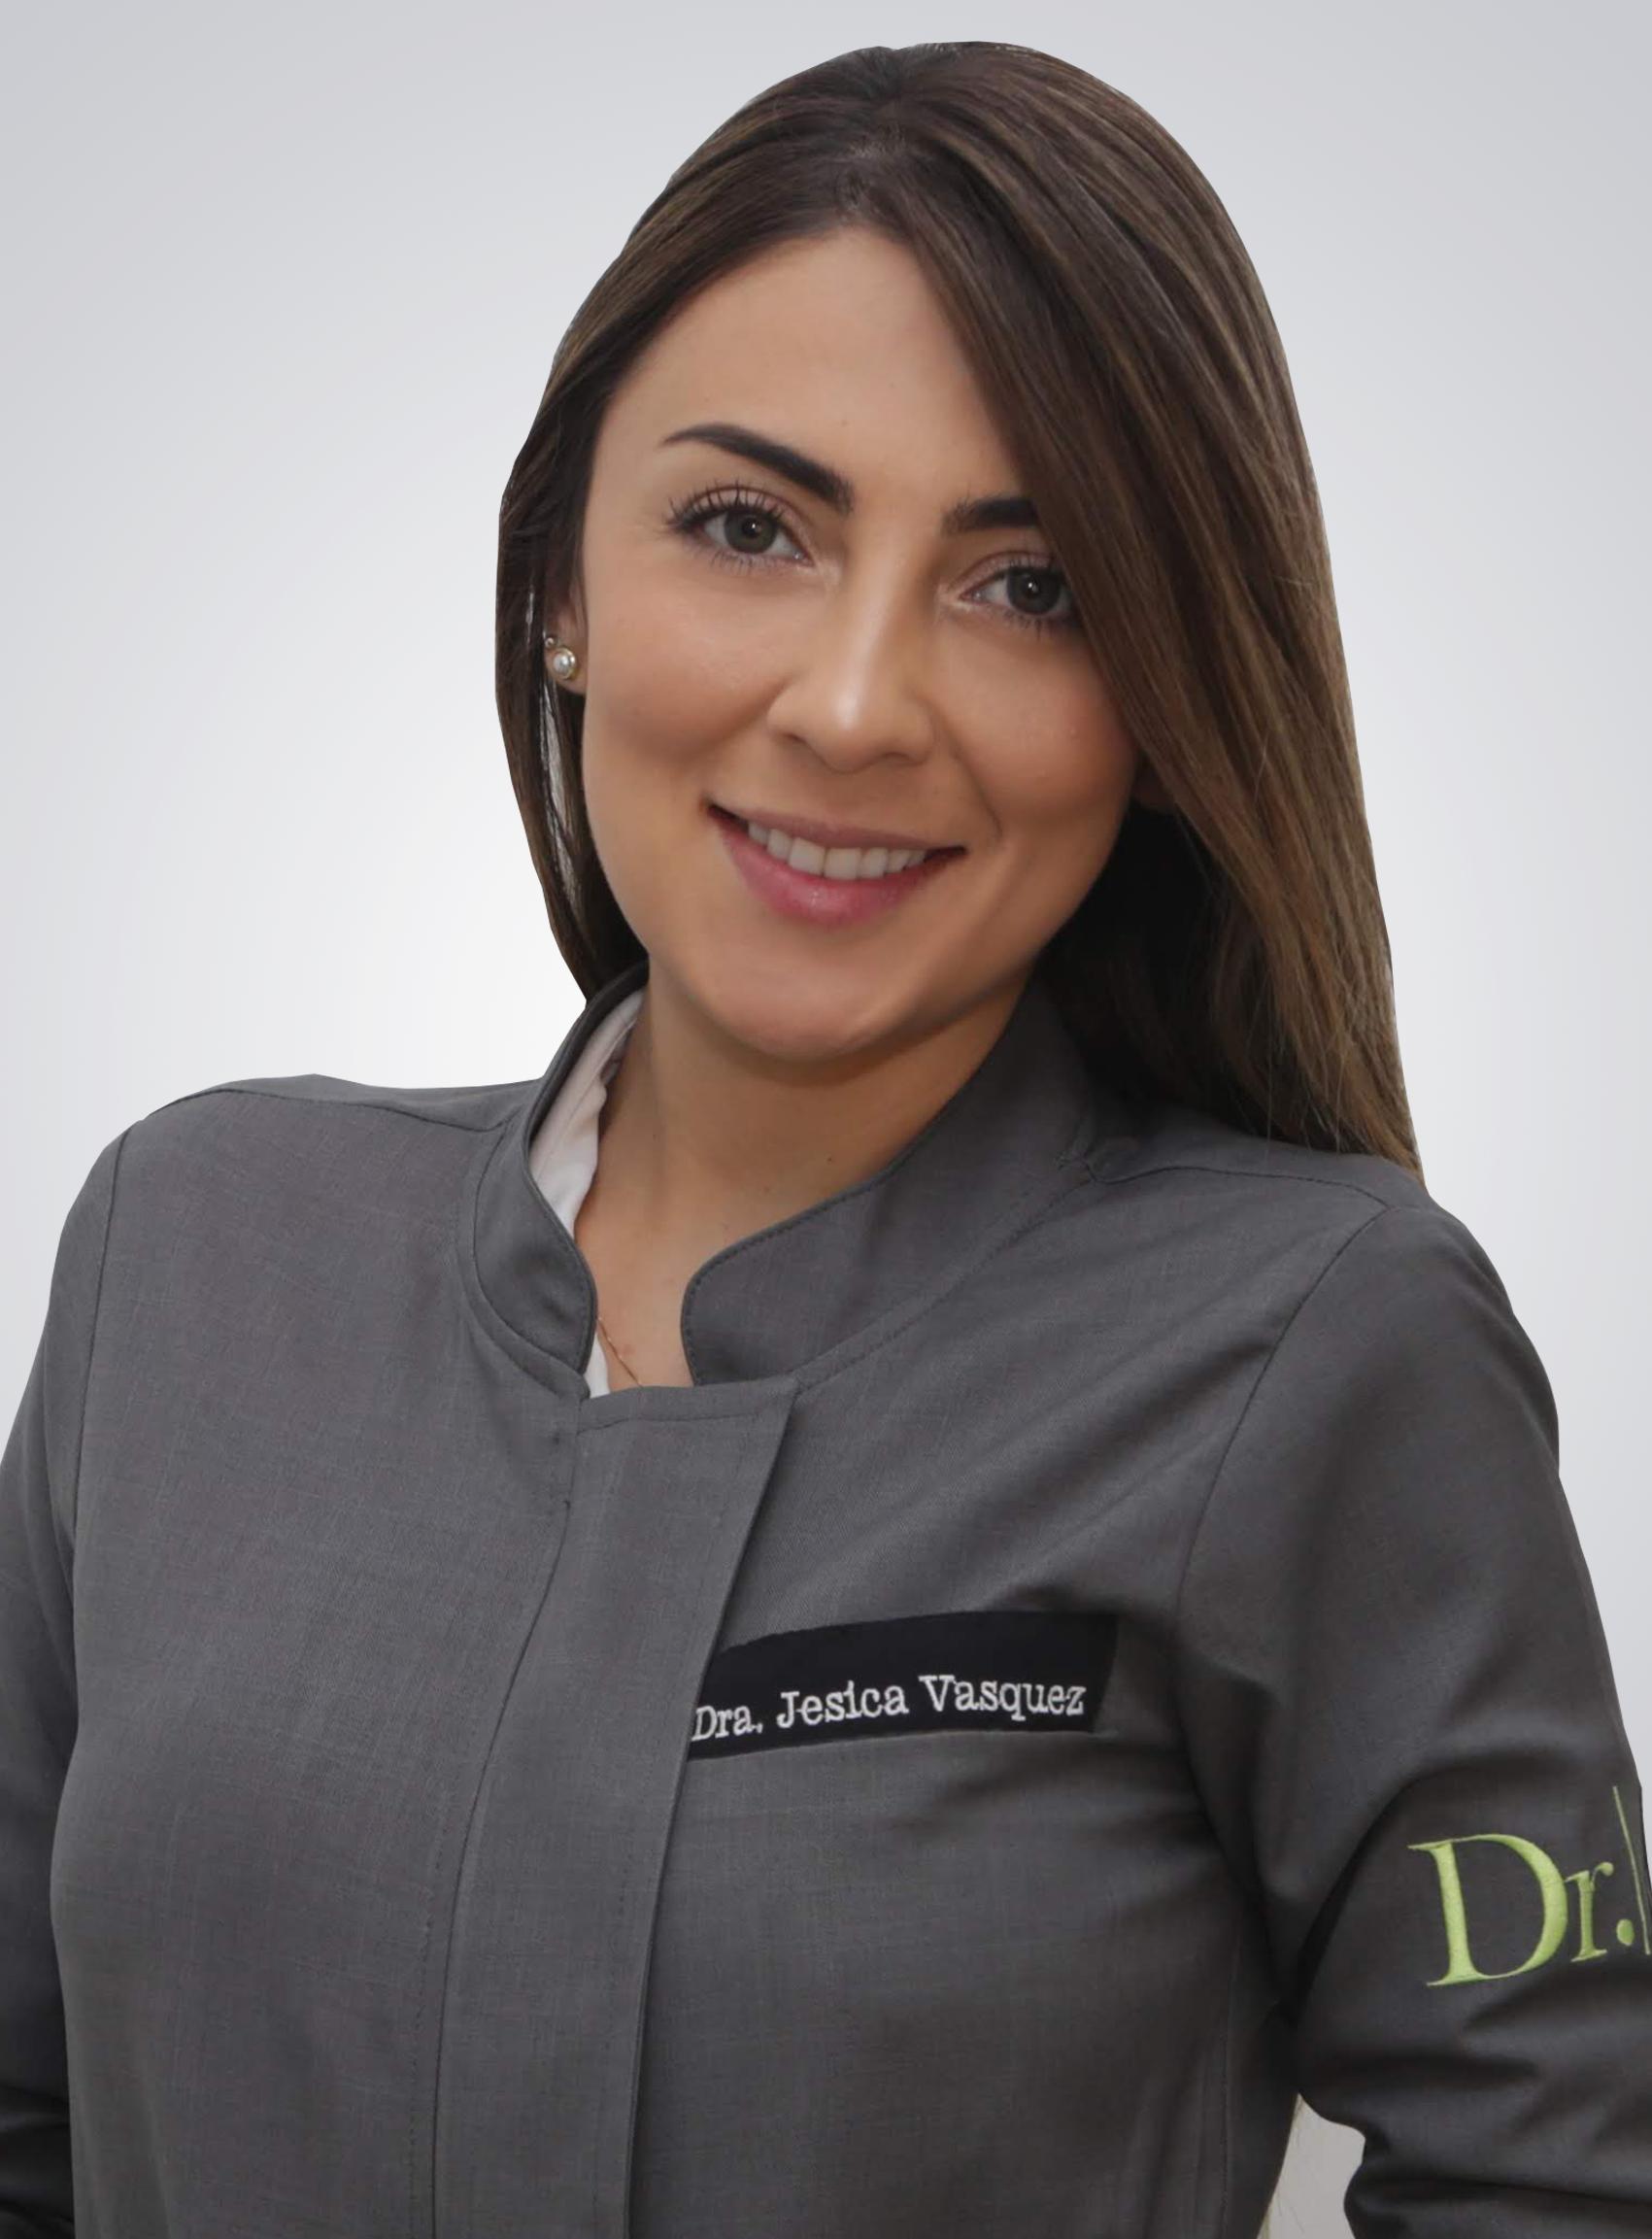 Dra. Jessica Vasquez Aguilar